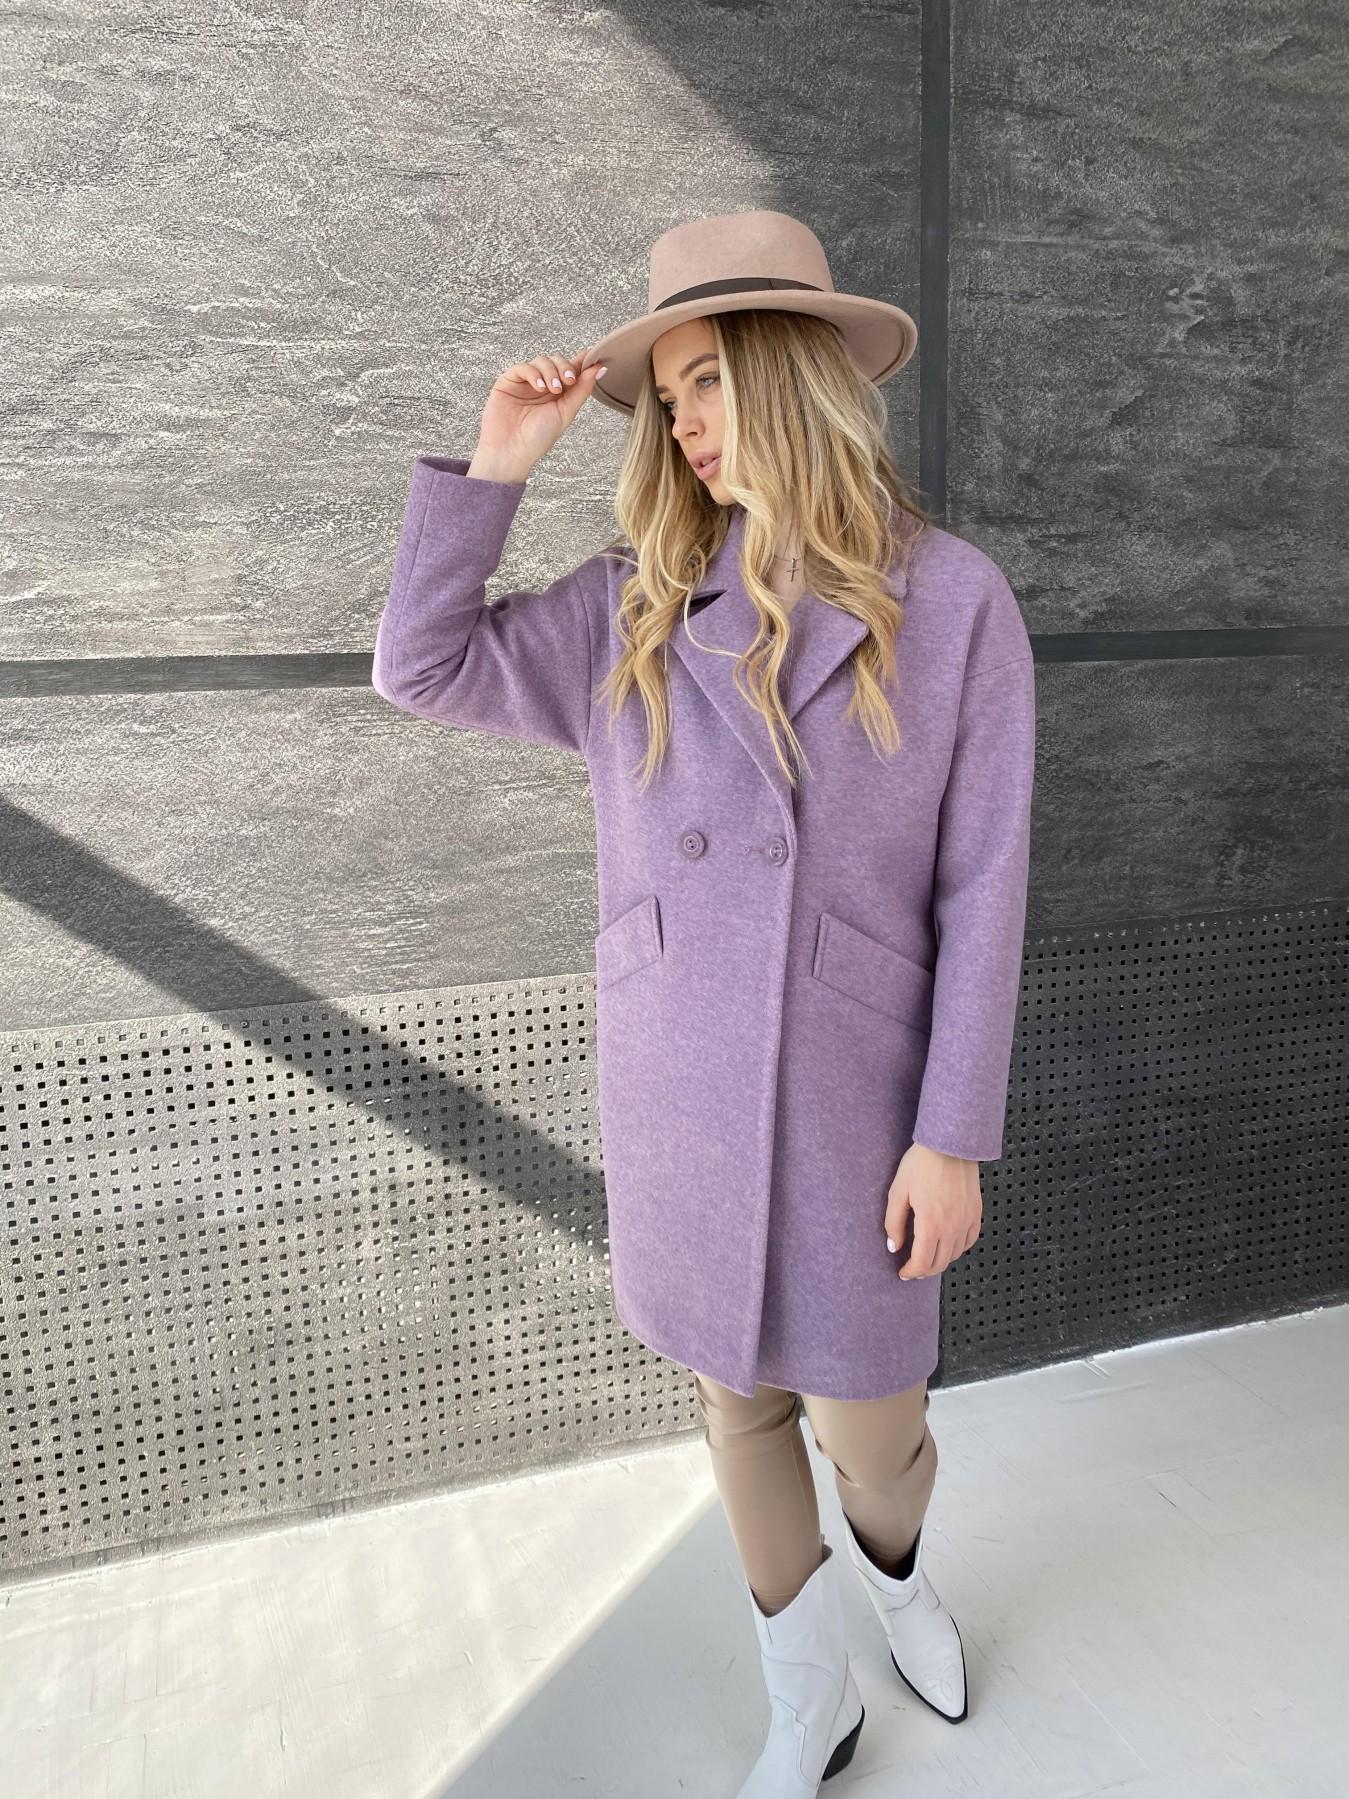 Сенсей пальто из кашемира меланж  10745 АРТ. 47232 Цвет: Сирень 42 - фото 3, интернет магазин tm-modus.ru